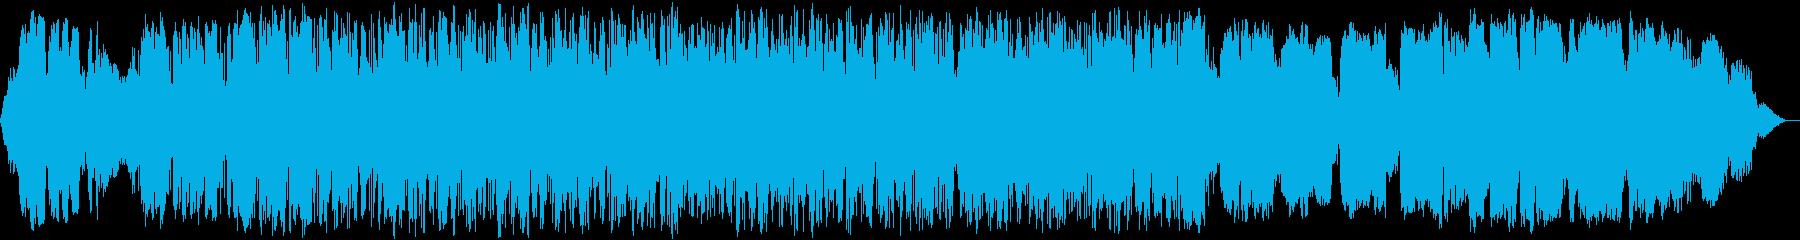 竹笛の瞑想音楽の再生済みの波形